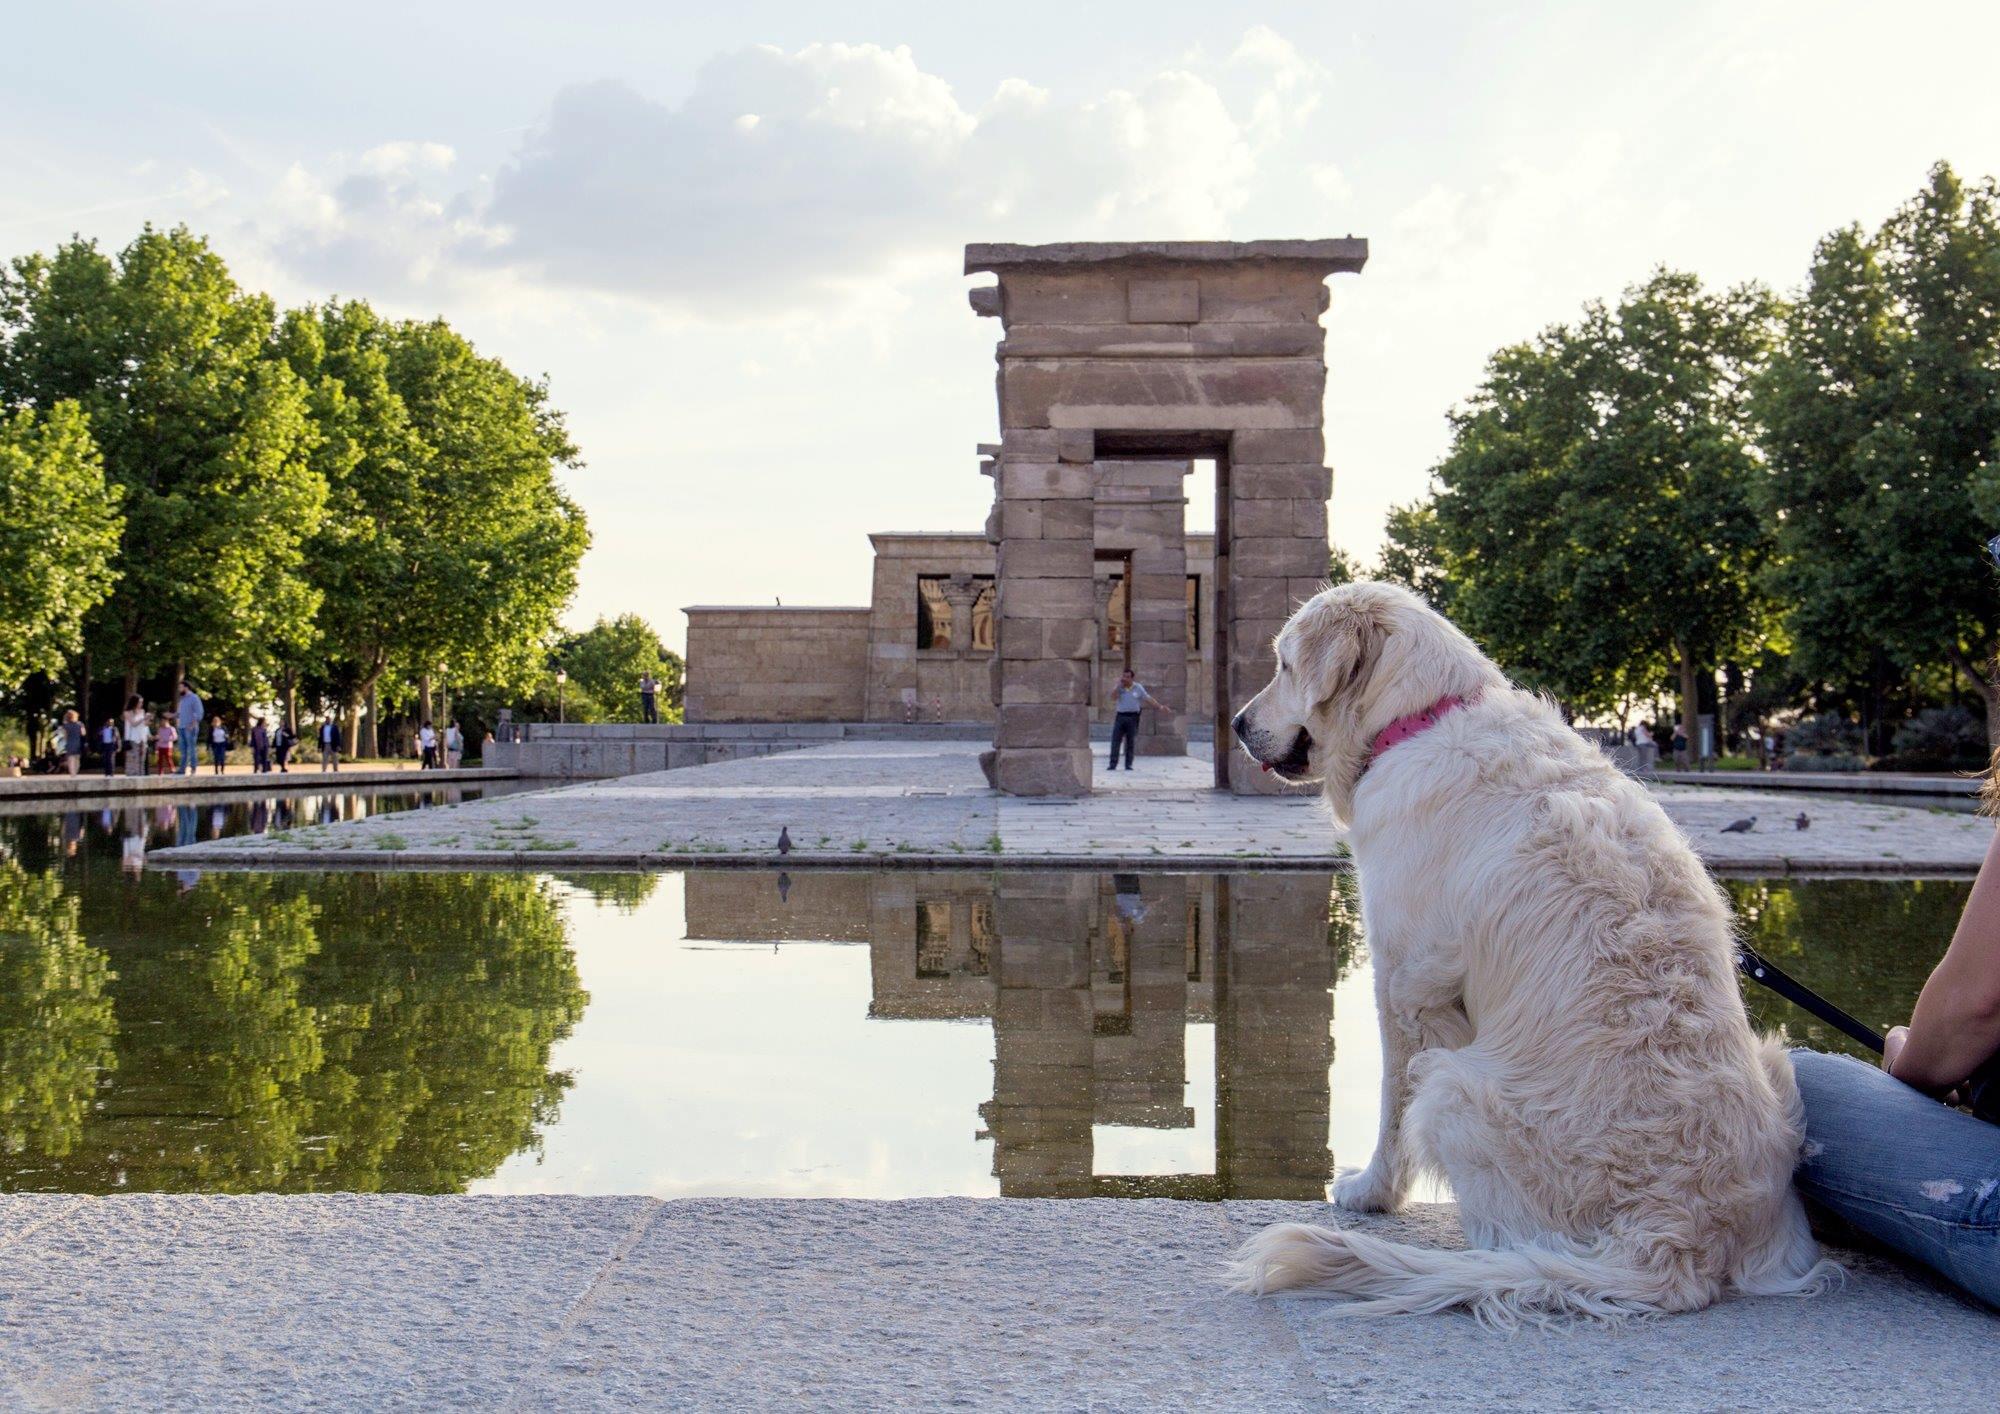 Una parada en el Templo de Debod durante una ruta cultural por el centro de Madrid. Foto: Shutterstock